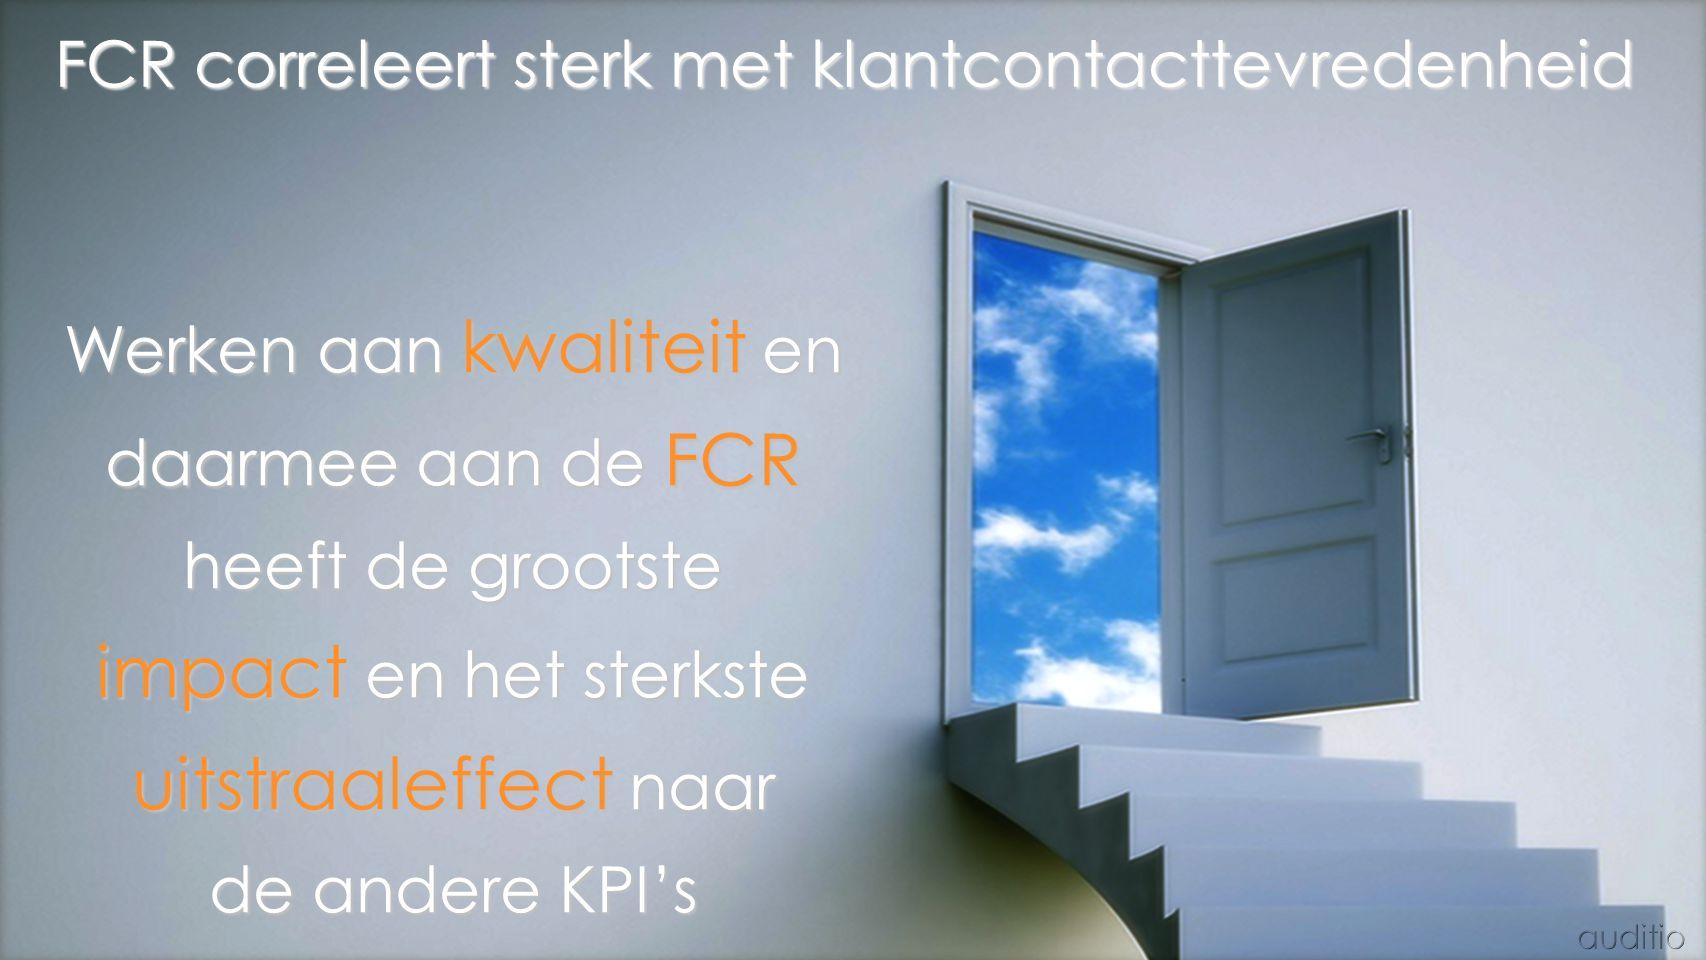 FCR correleert sterk met klantcontacttevredenheid Werken aan kwaliteit en daarmee aan de FCR heeft de grootste impact en het sterkste uitstraaleffect